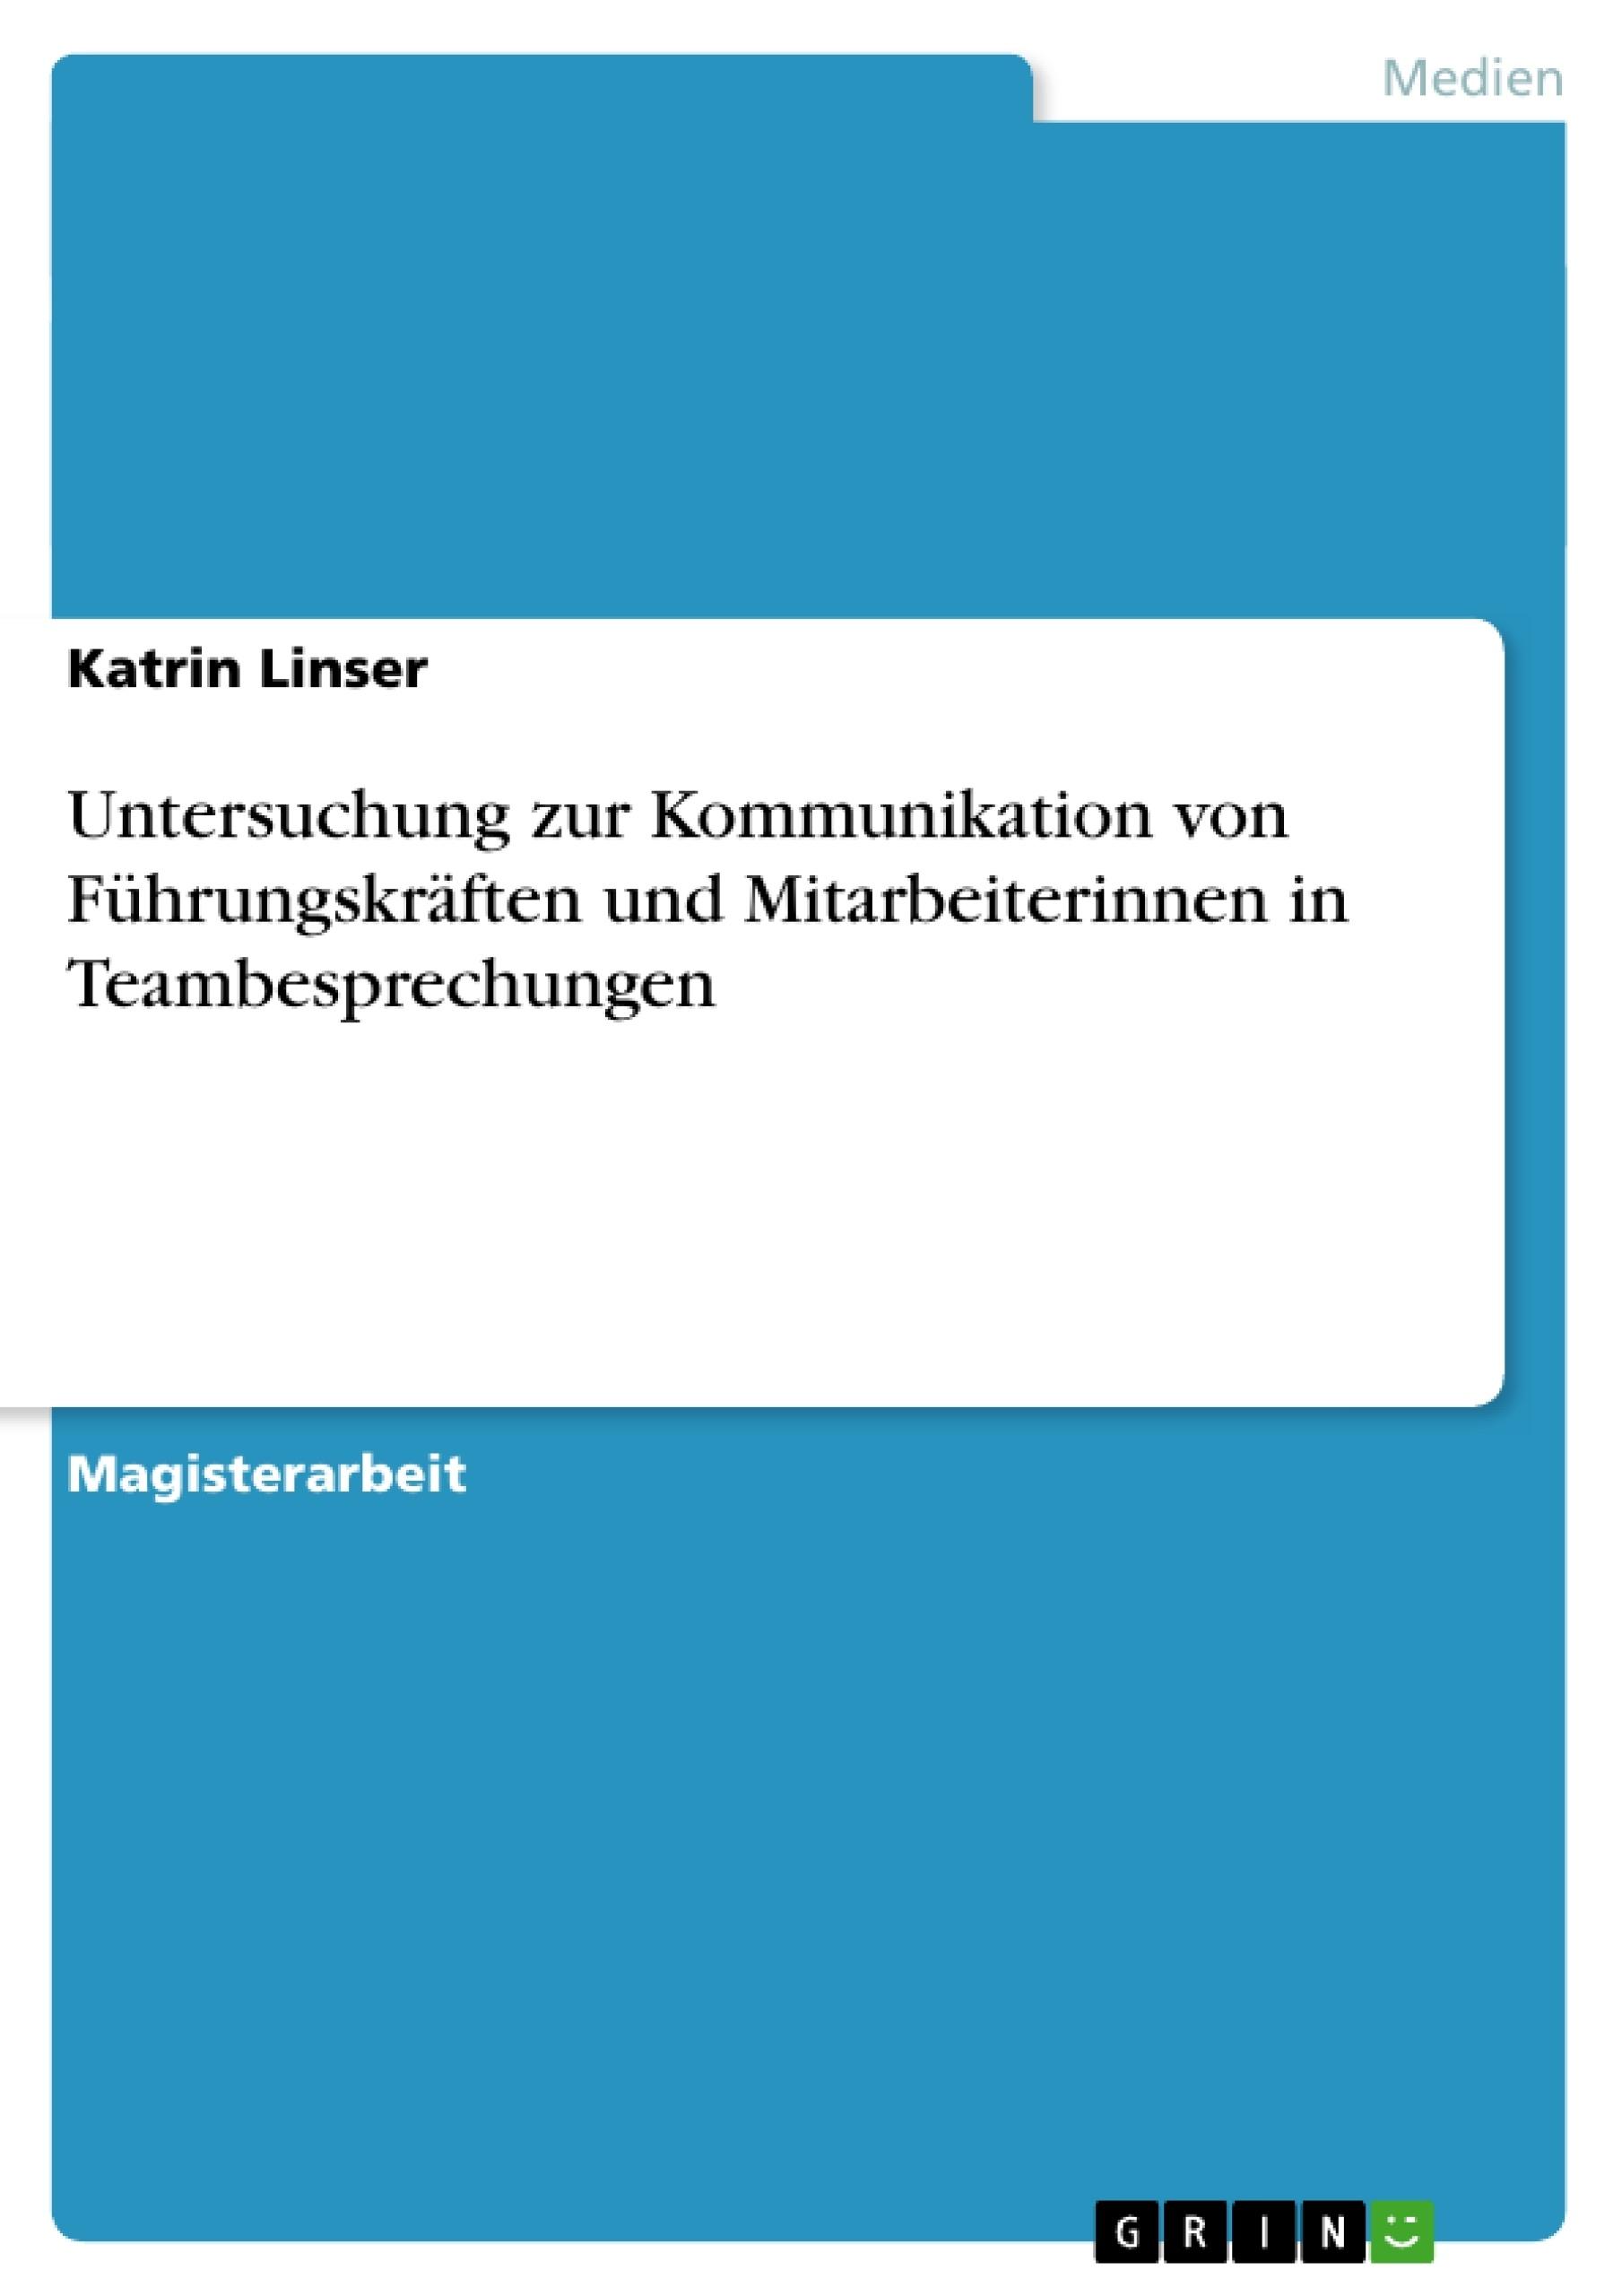 Titel: Untersuchung zur Kommunikation von Führungskräften und Mitarbeiterinnen in Teambesprechungen